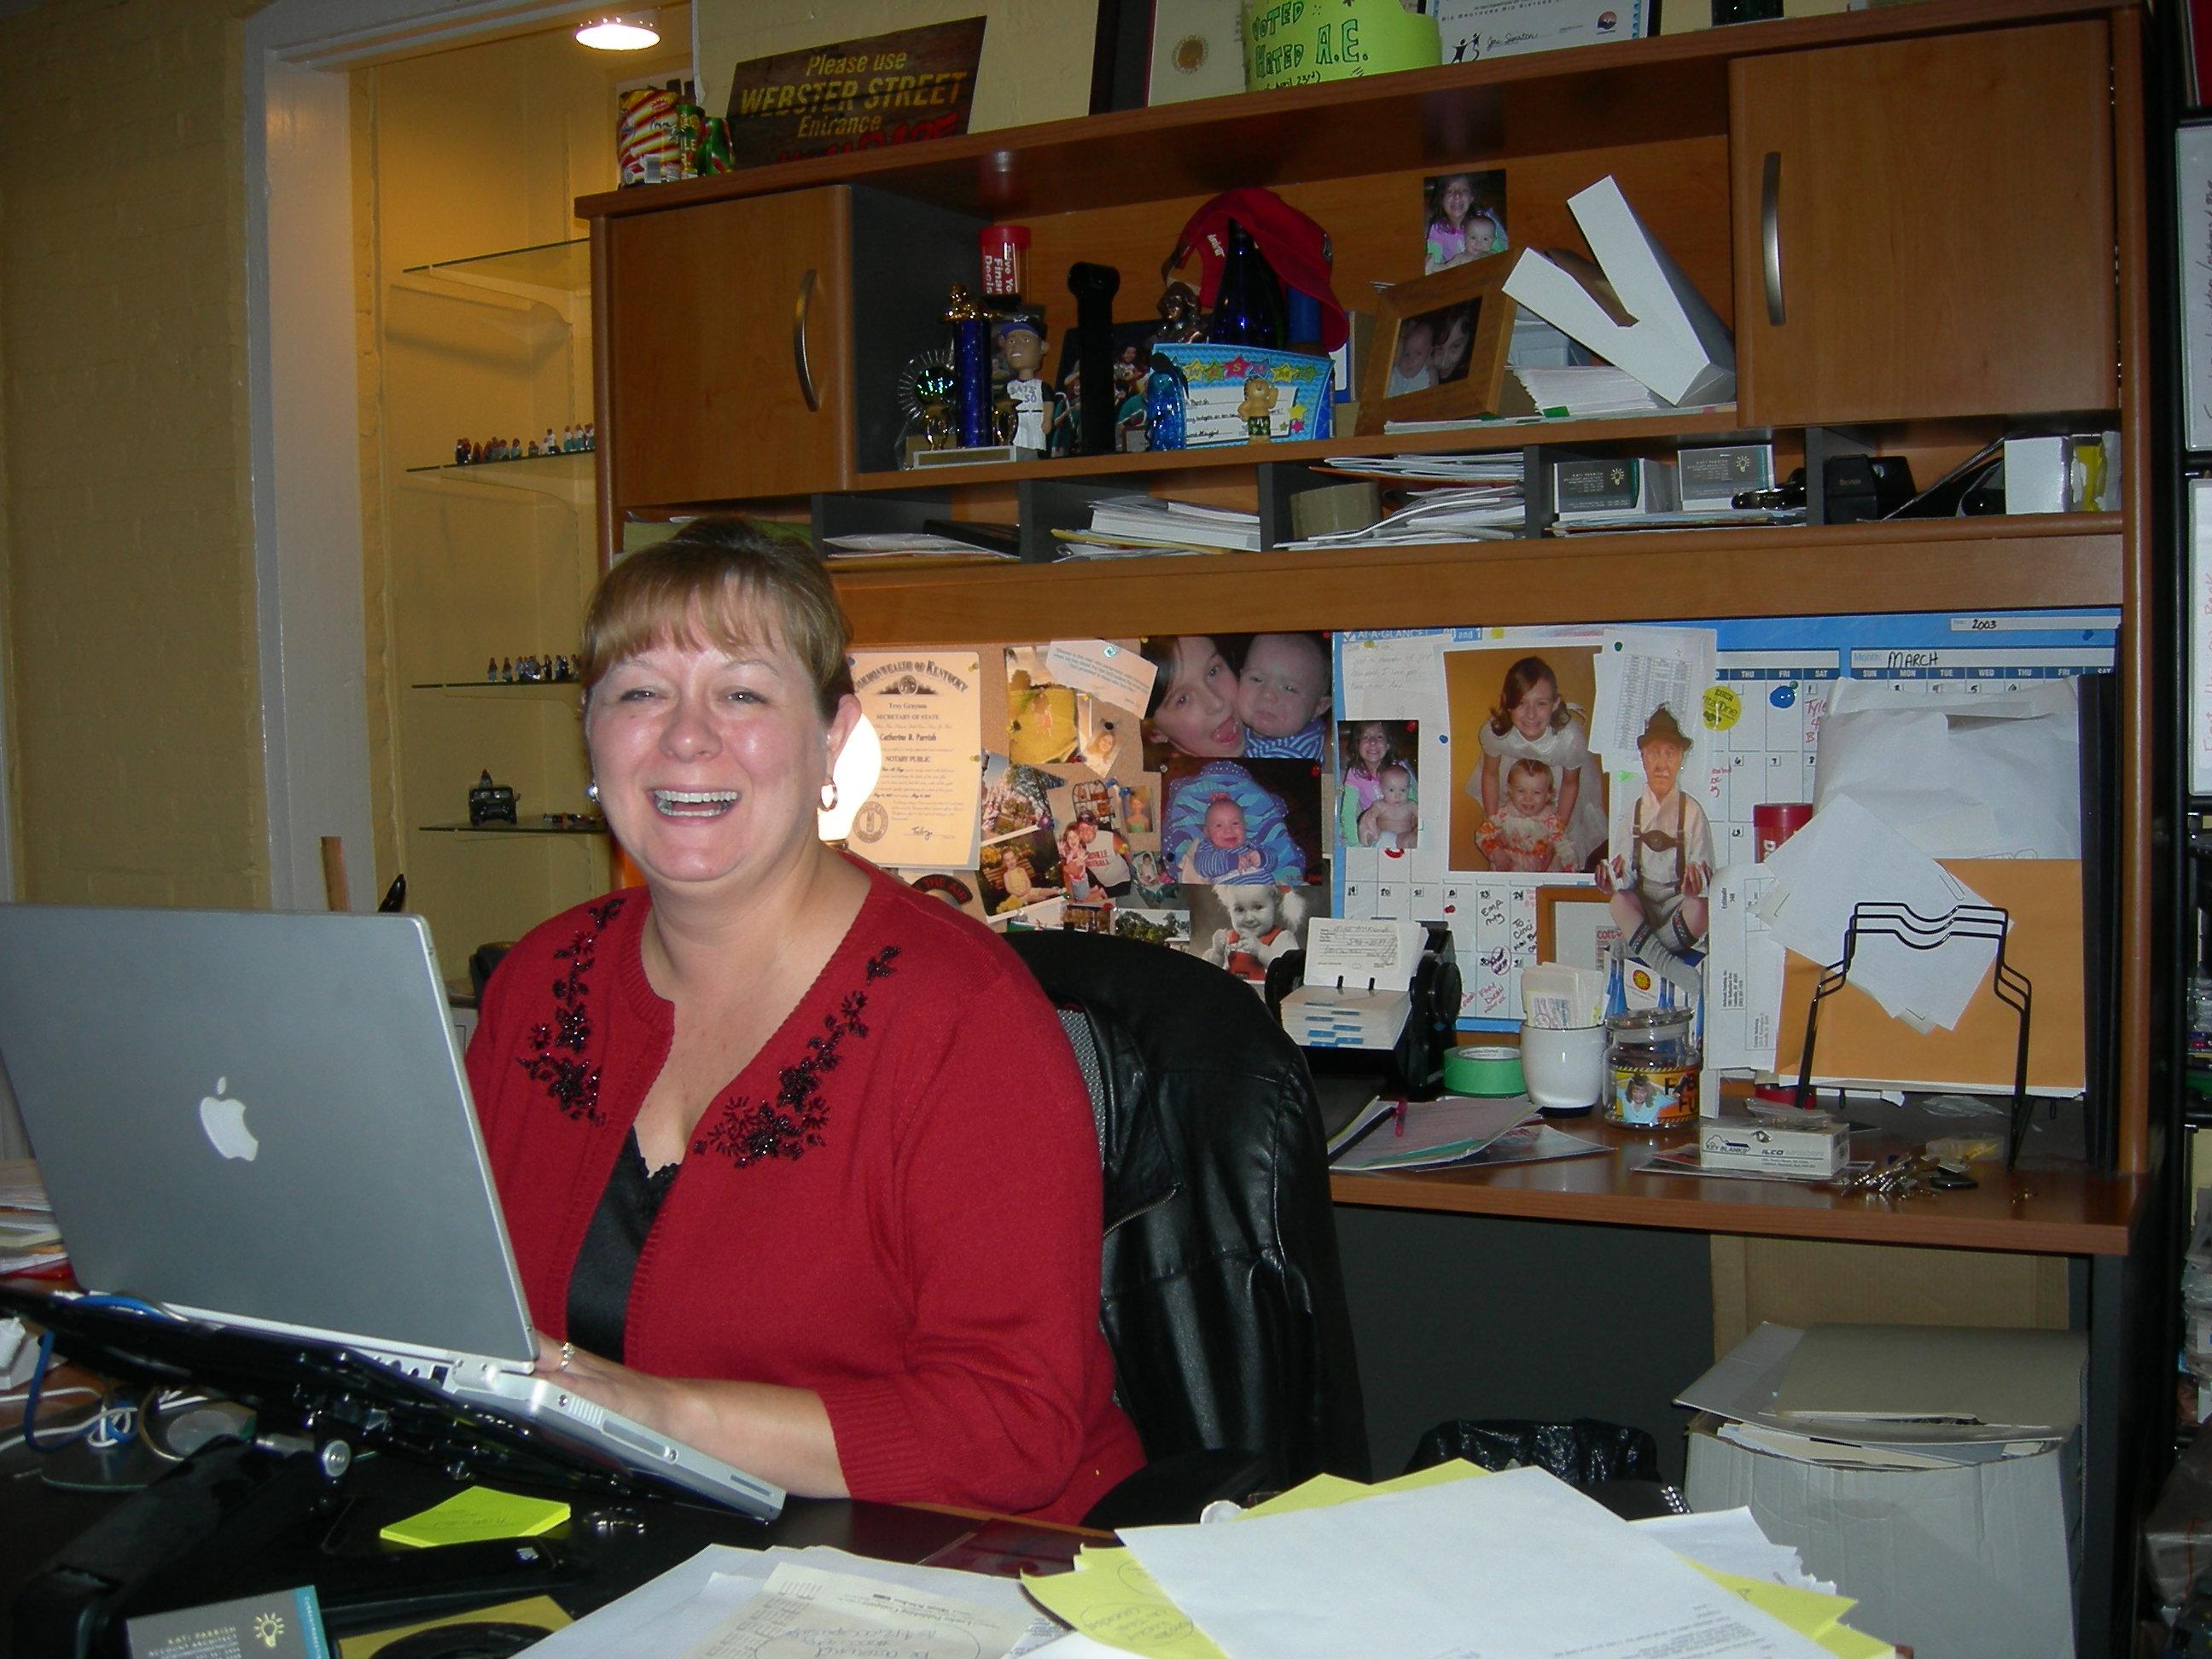 Kati at her desk